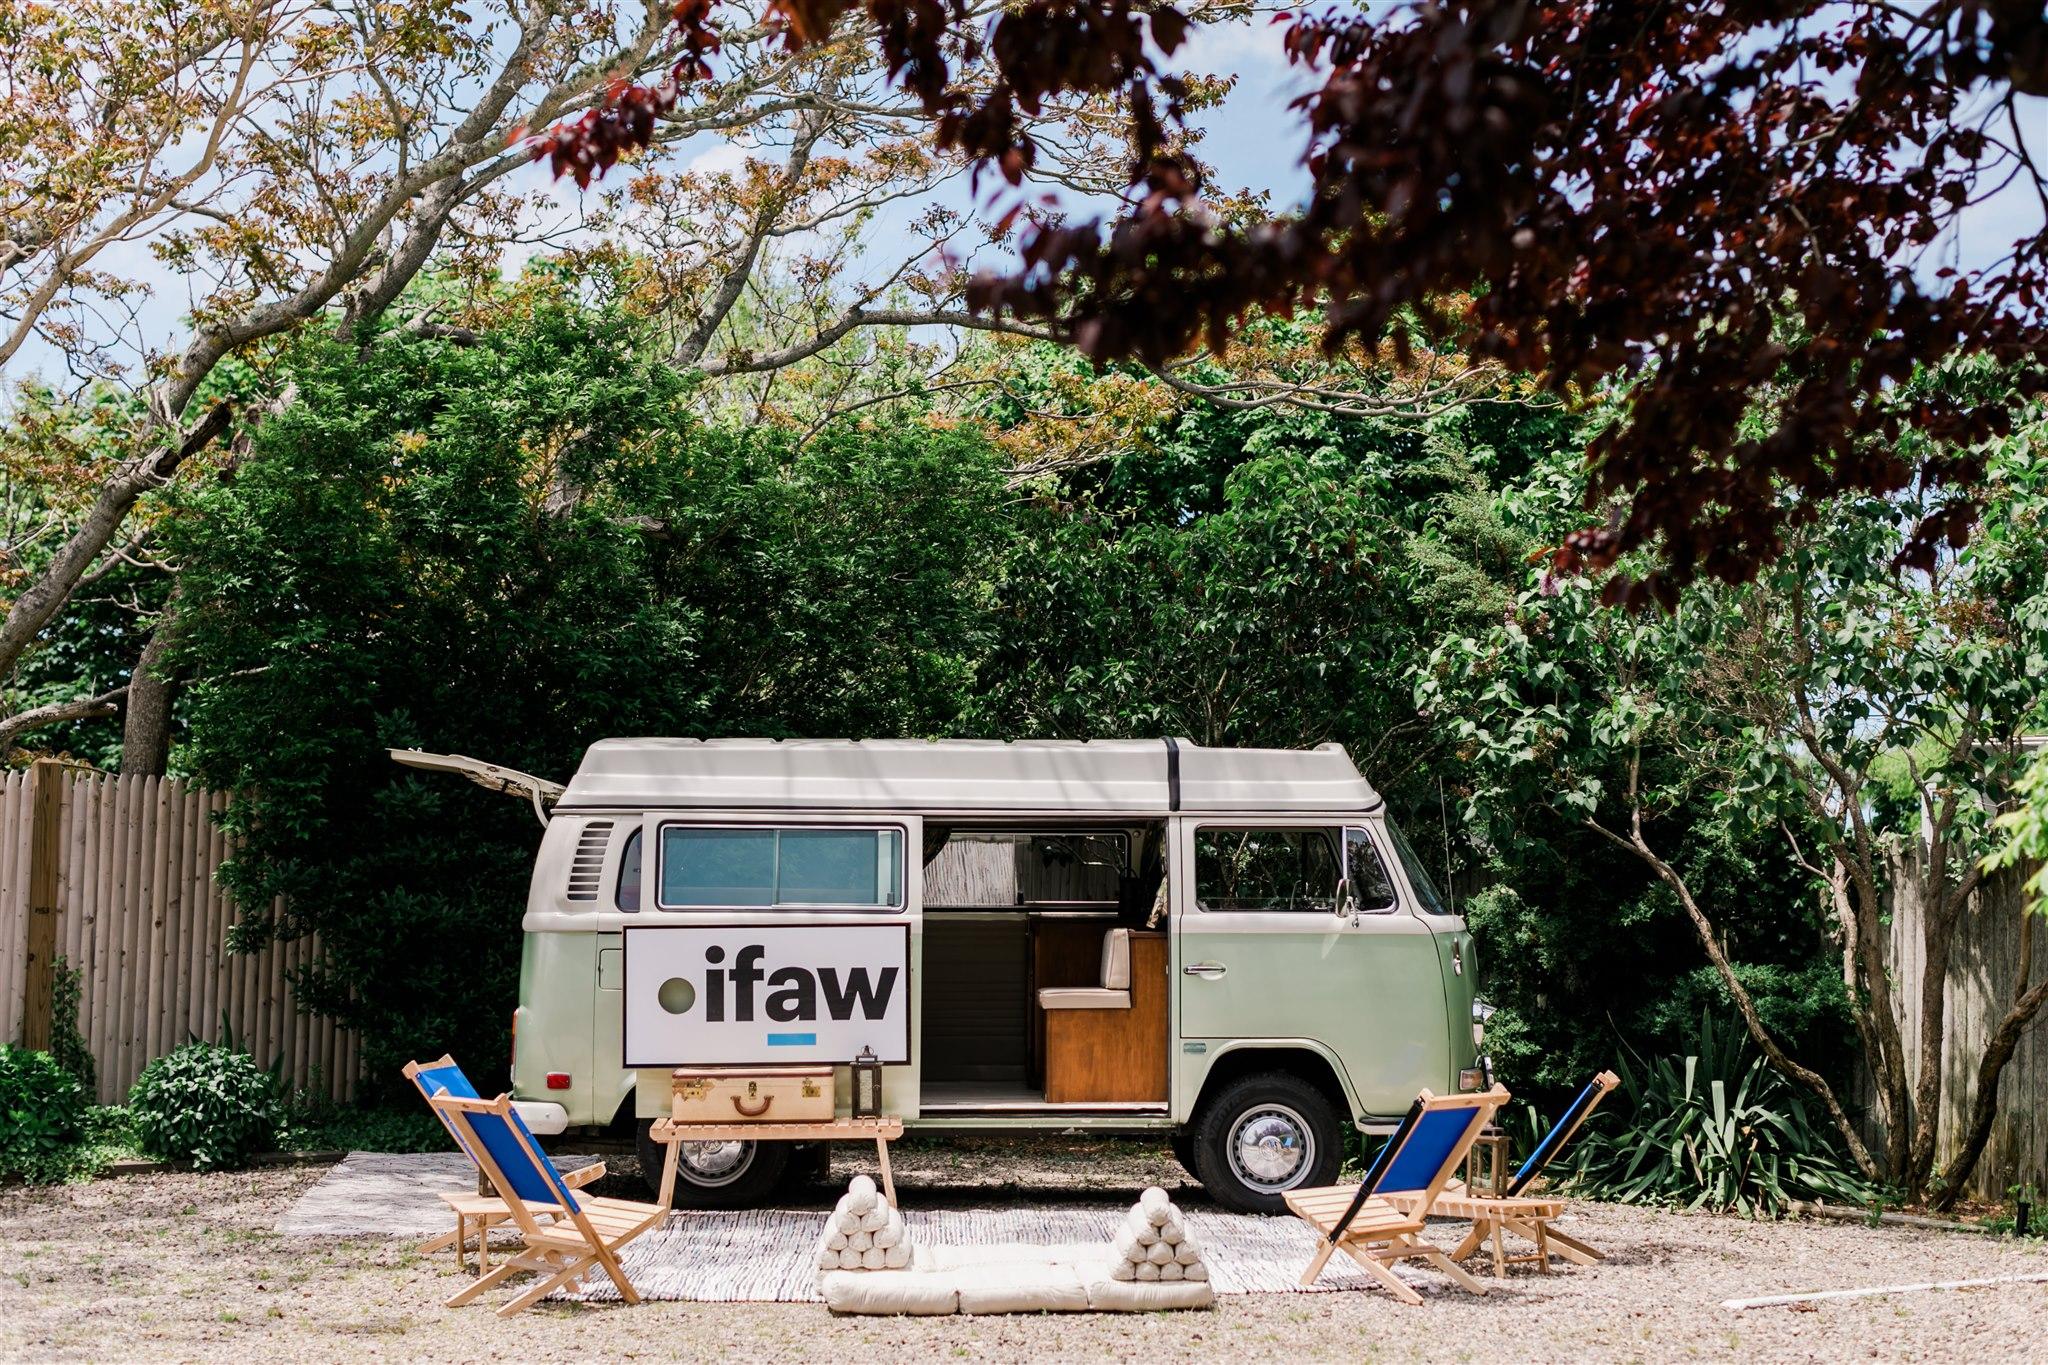 HOTEL XYZ Ptown, Cape Cod with IFAW + Kin Travel